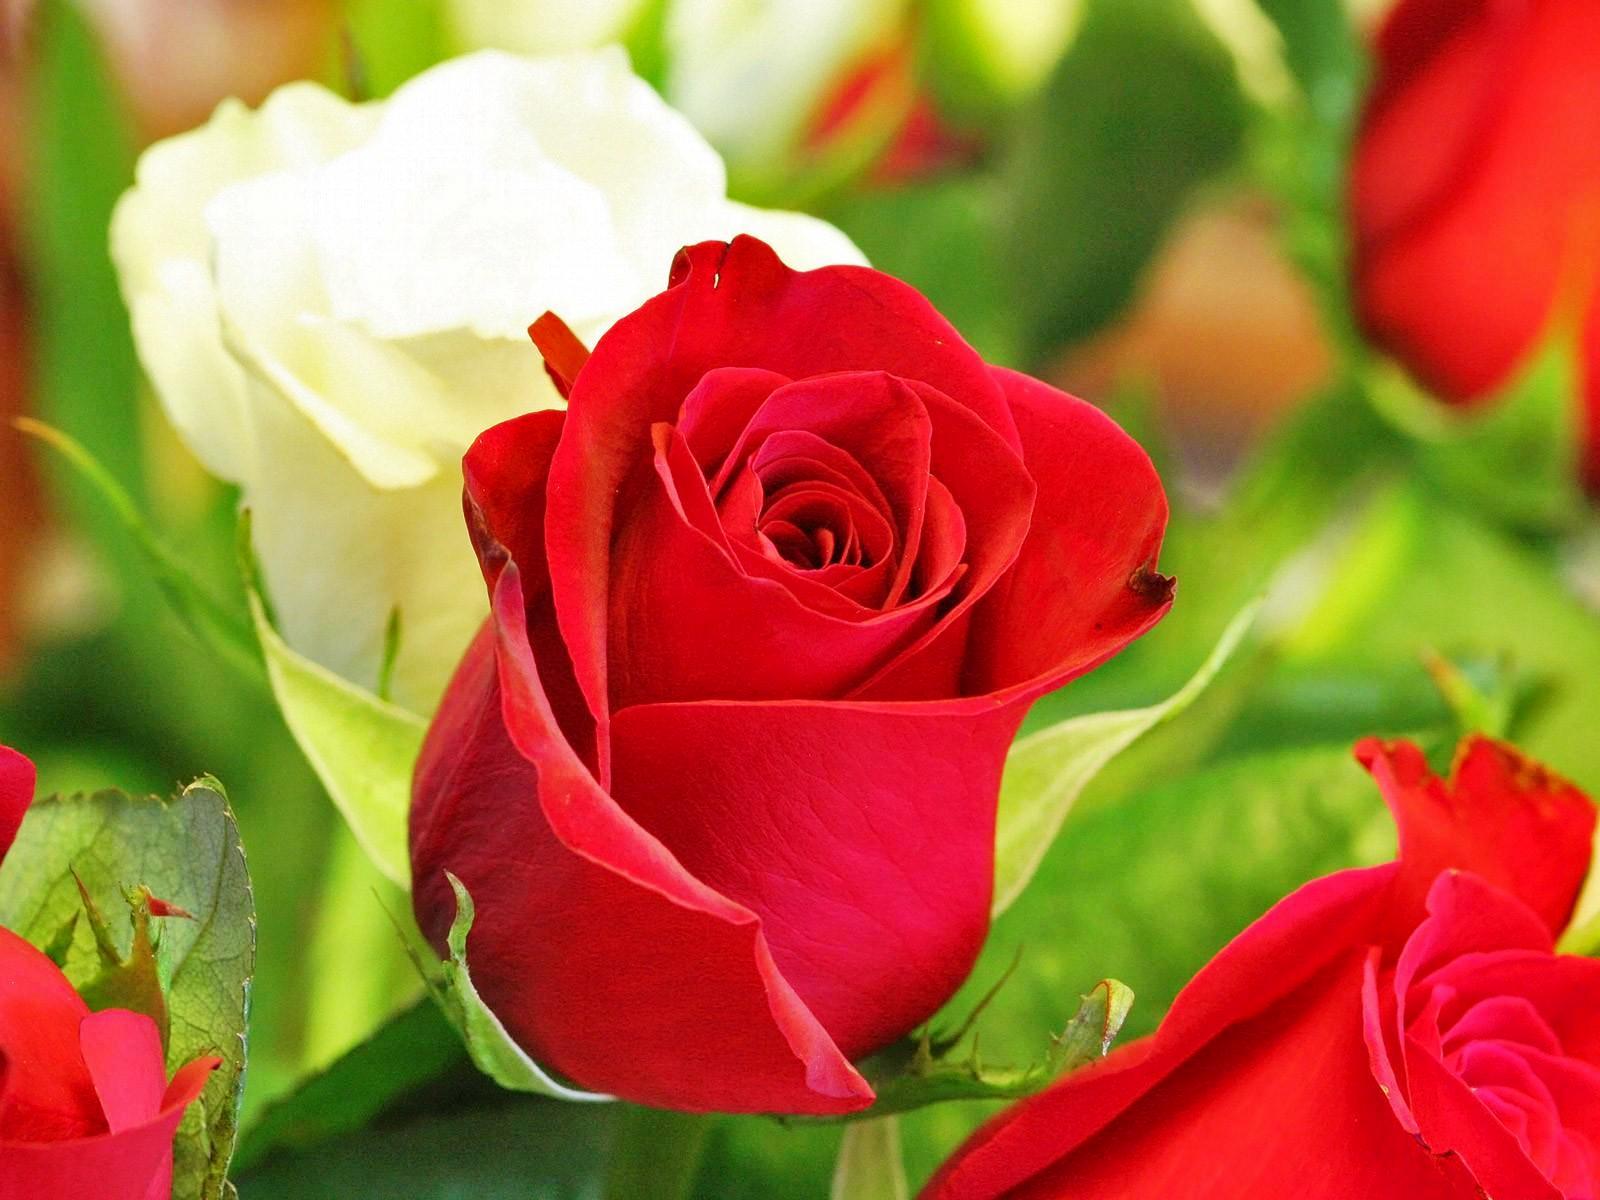 50 Gambar Bunga Cantik Dan Indah Explore IT